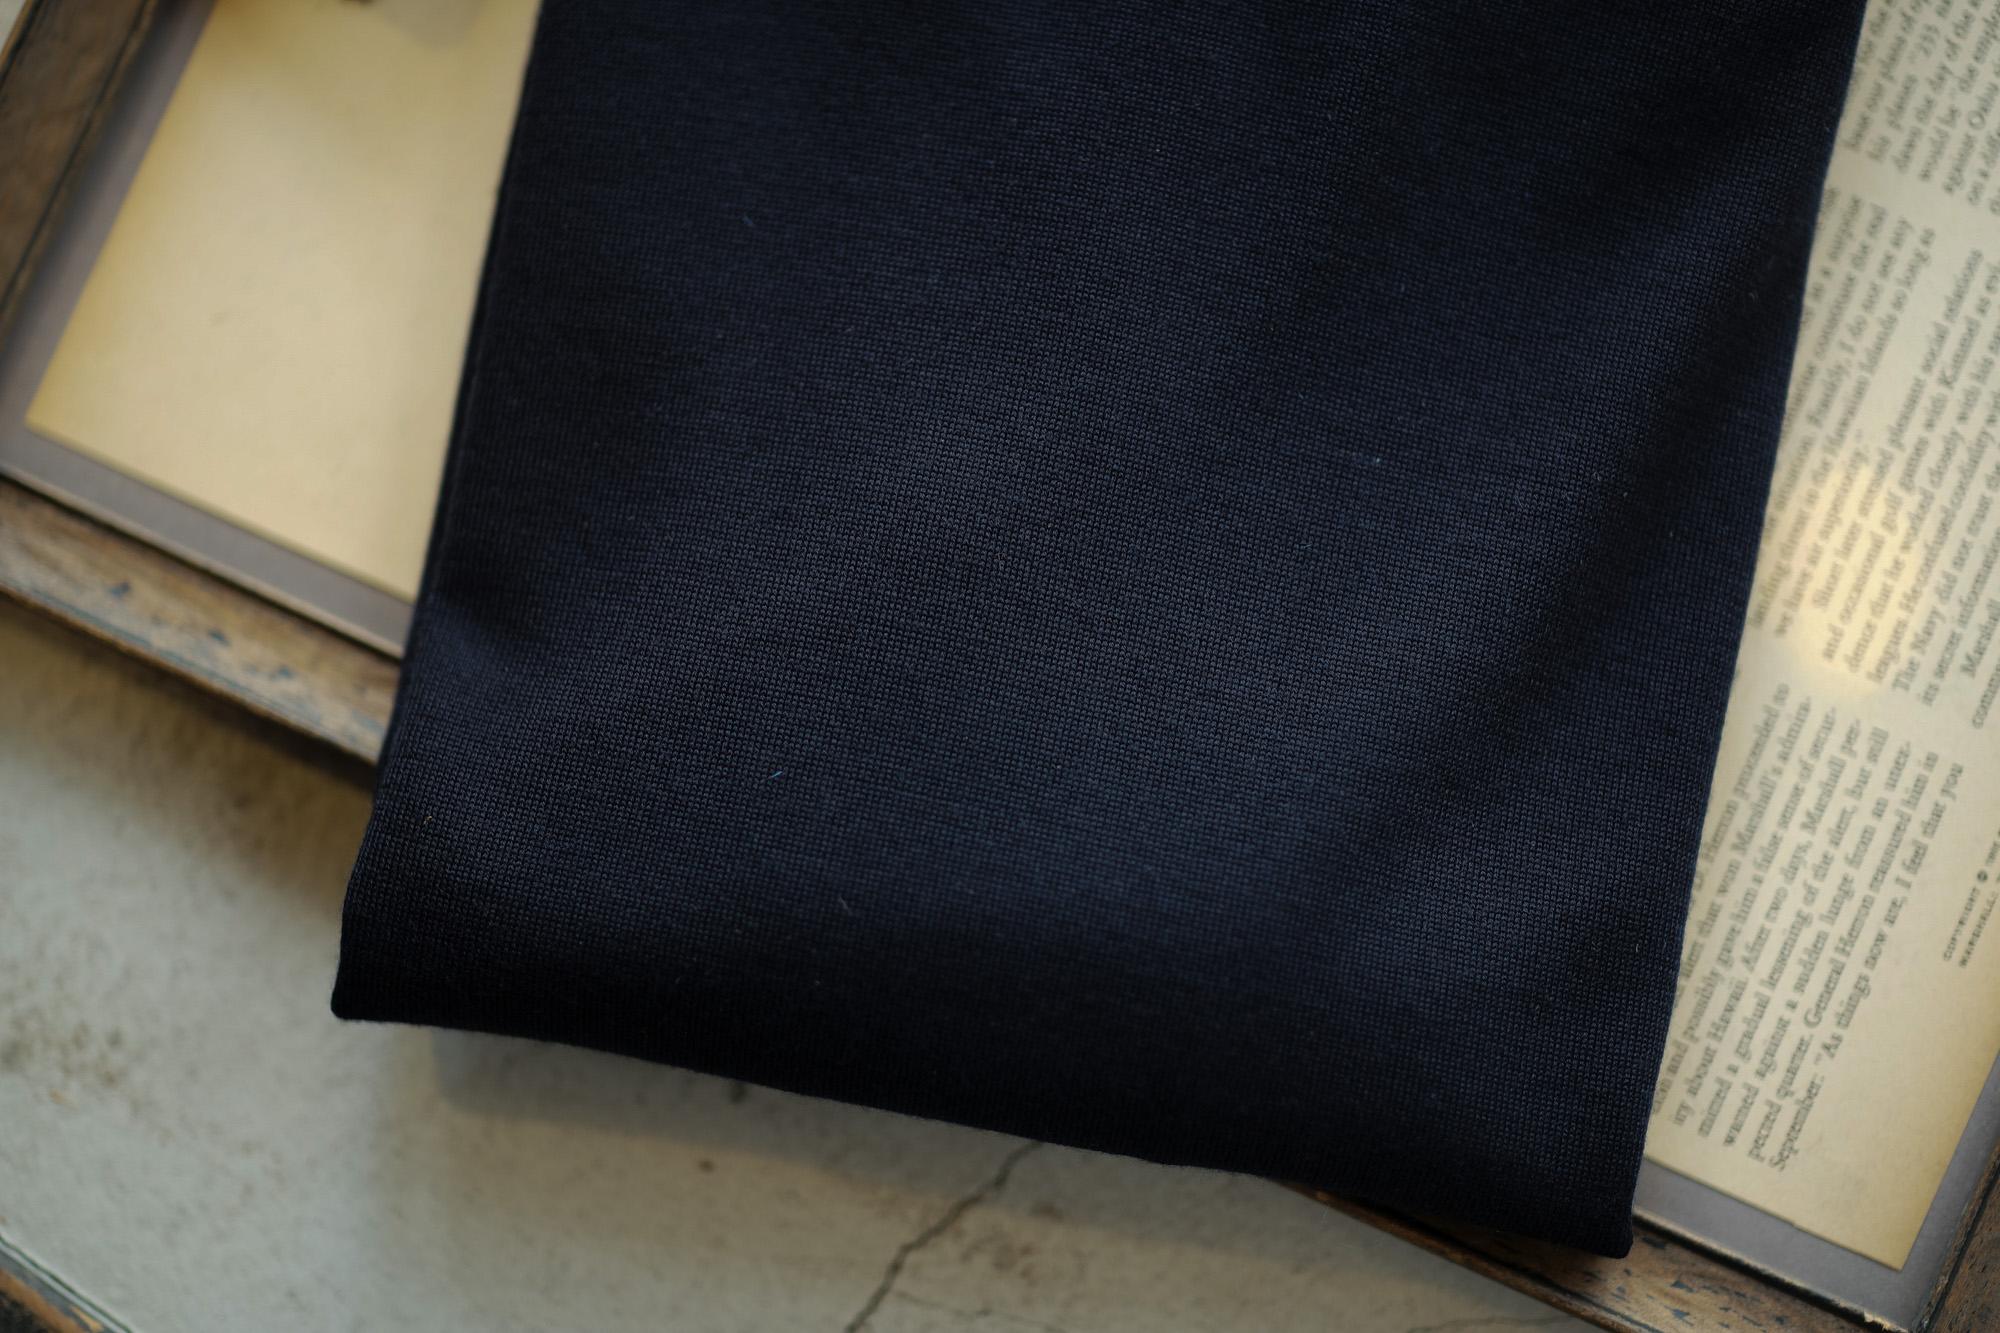 JOHN SMEDLEY (ジョンスメドレー) IMPERIAL KASHMIR (カシミアシリーズ) ARLINGTON (アーリントン) CASHMERE × Merino Wool (カシミア × メリノウール) 30ゲージ カシミアウール タートルネックセーター MIDNIGHT (ミッドナイト) Made in England (イギリス製) 2018 秋冬新作 johnsmedey カシミヤ 愛知 名古屋 alto e diritto altoediritto アルトエデリット